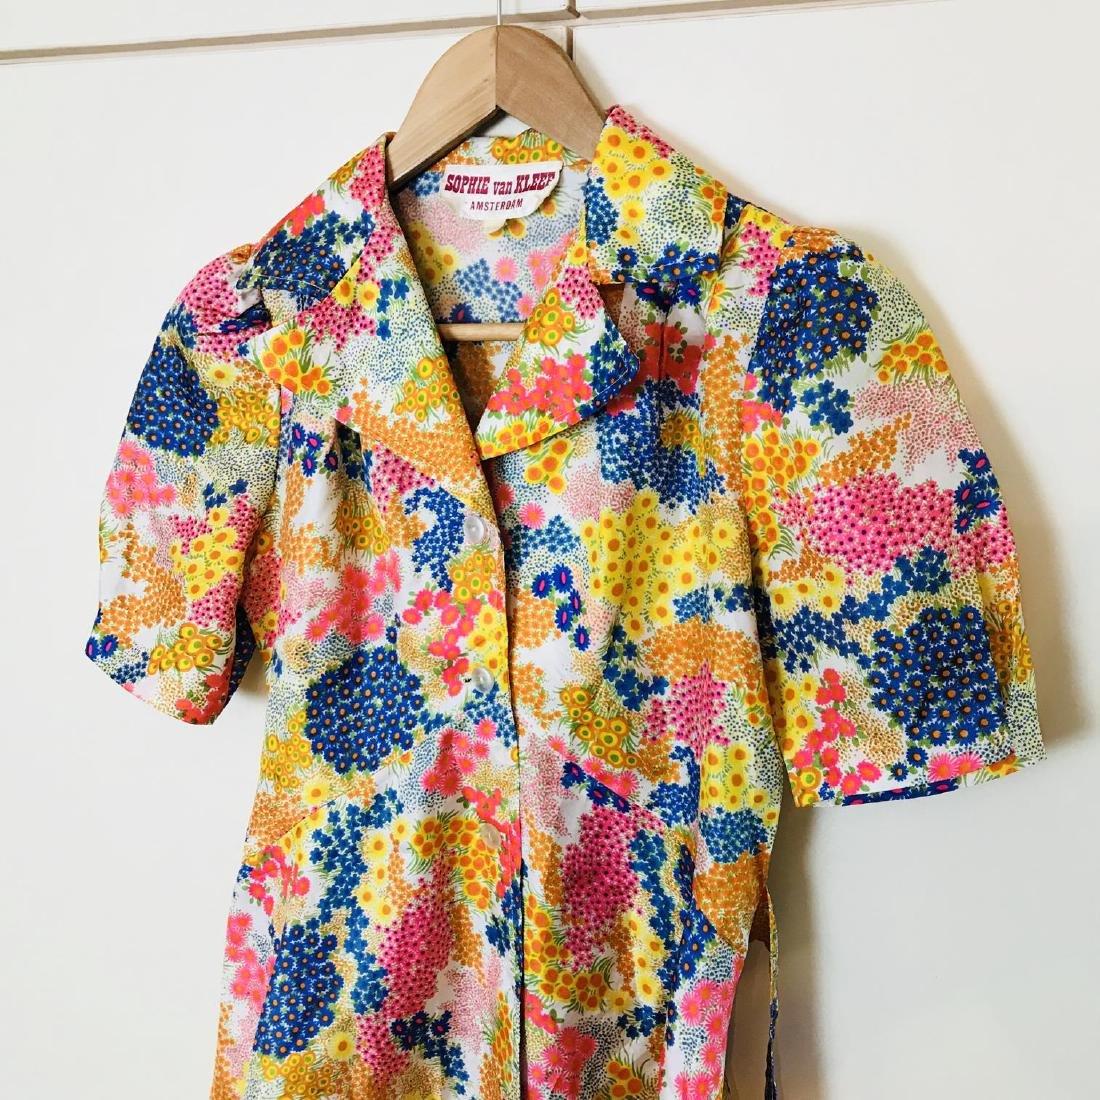 Vintage Women's Blouse Shirt Size US 8 EUR 38 - 2